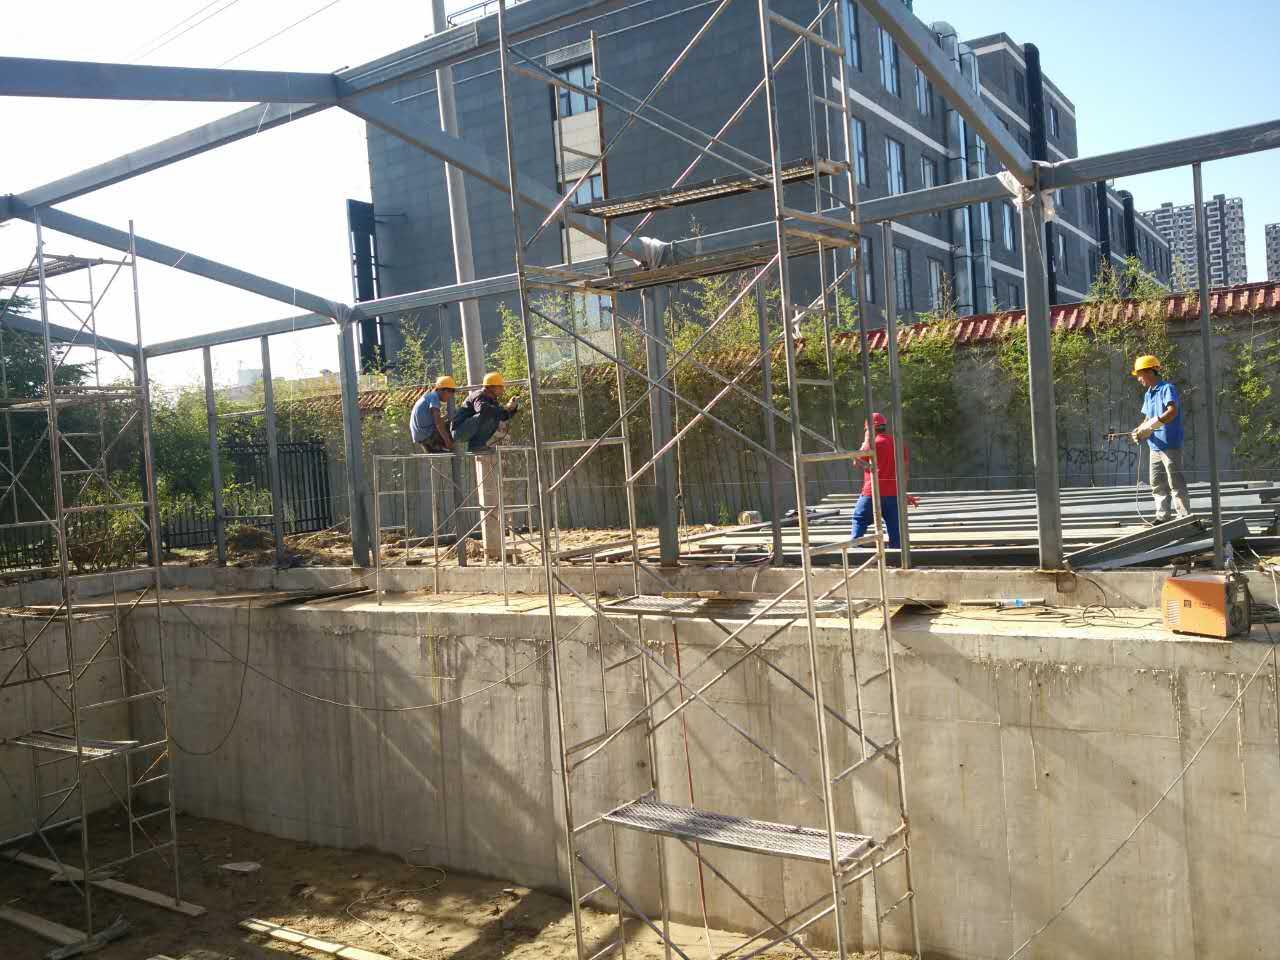 所以历时较长,施工项目包含现浇柱基础,安装钢结构,玻璃幕以及遮阳帘